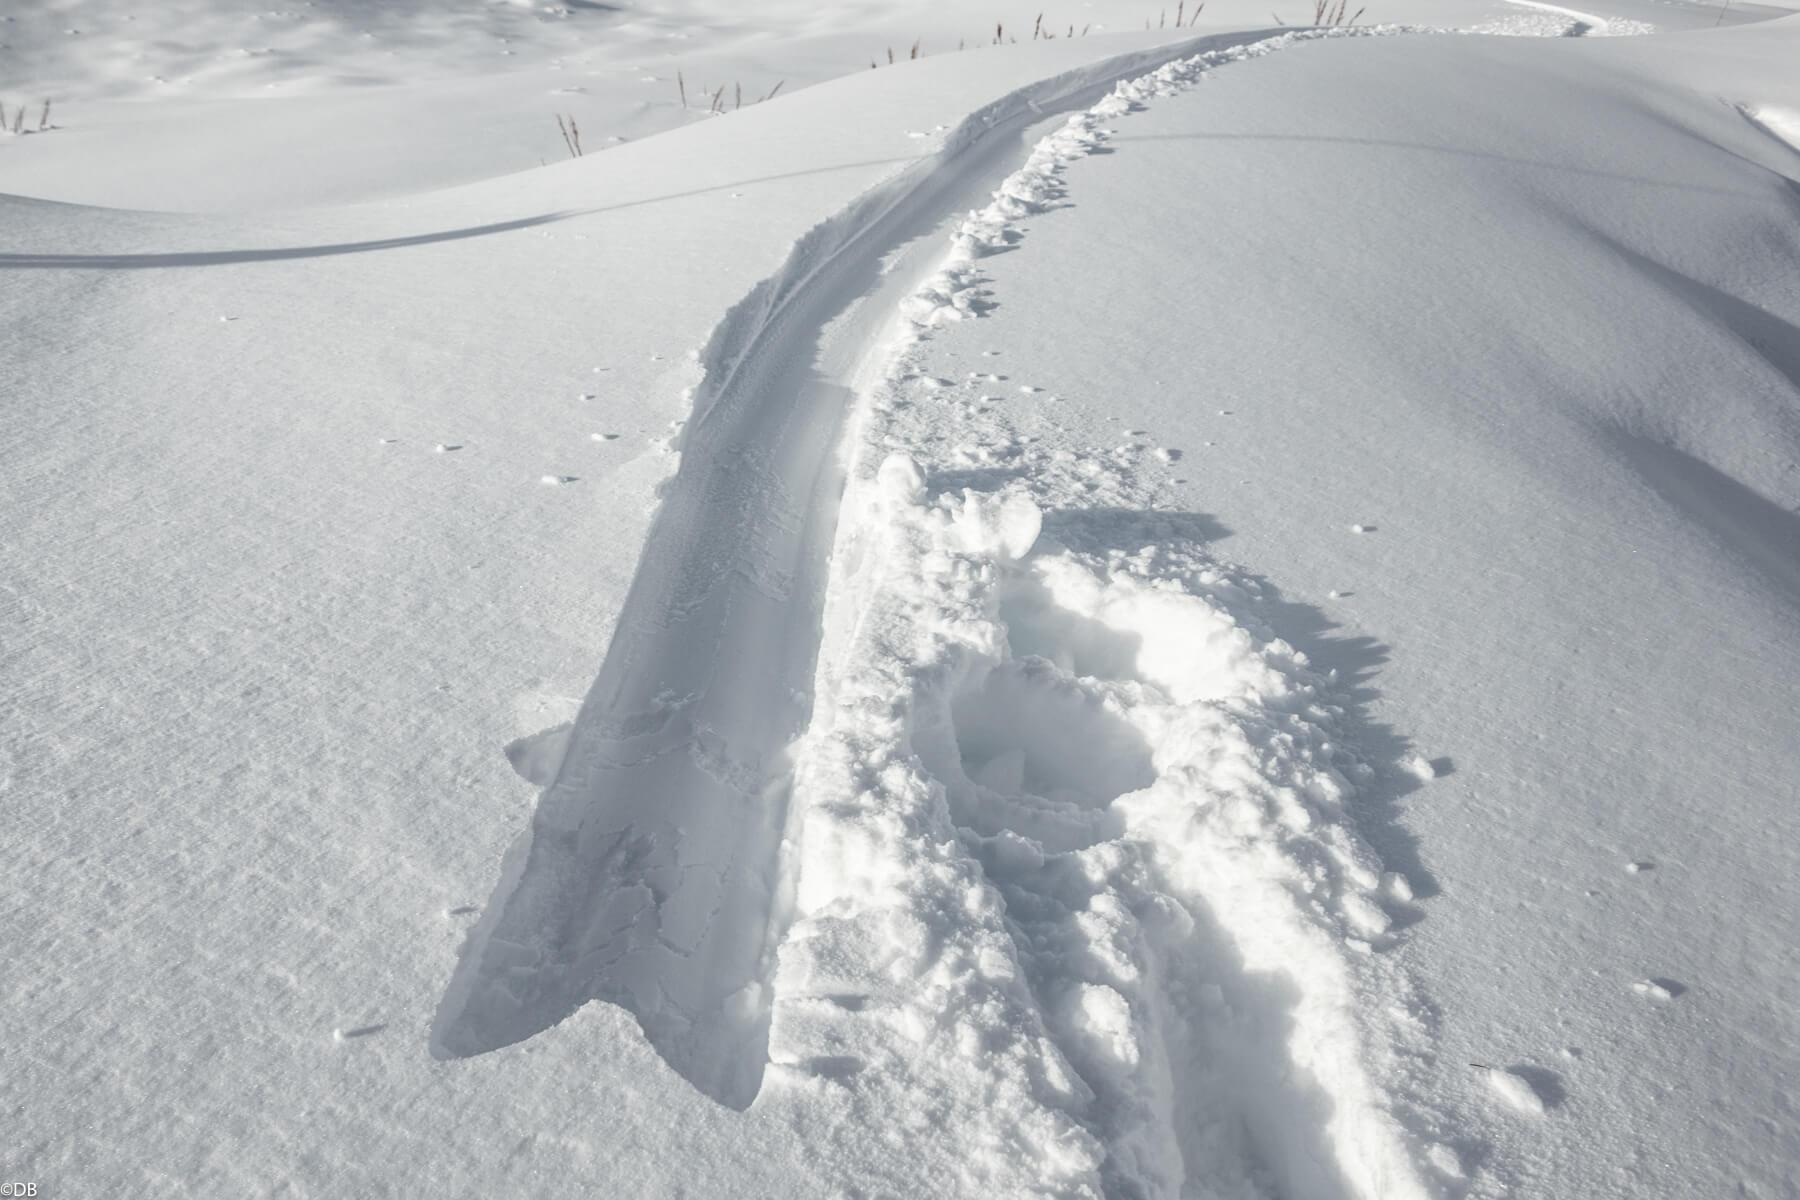 Powsurf trace dans la neige